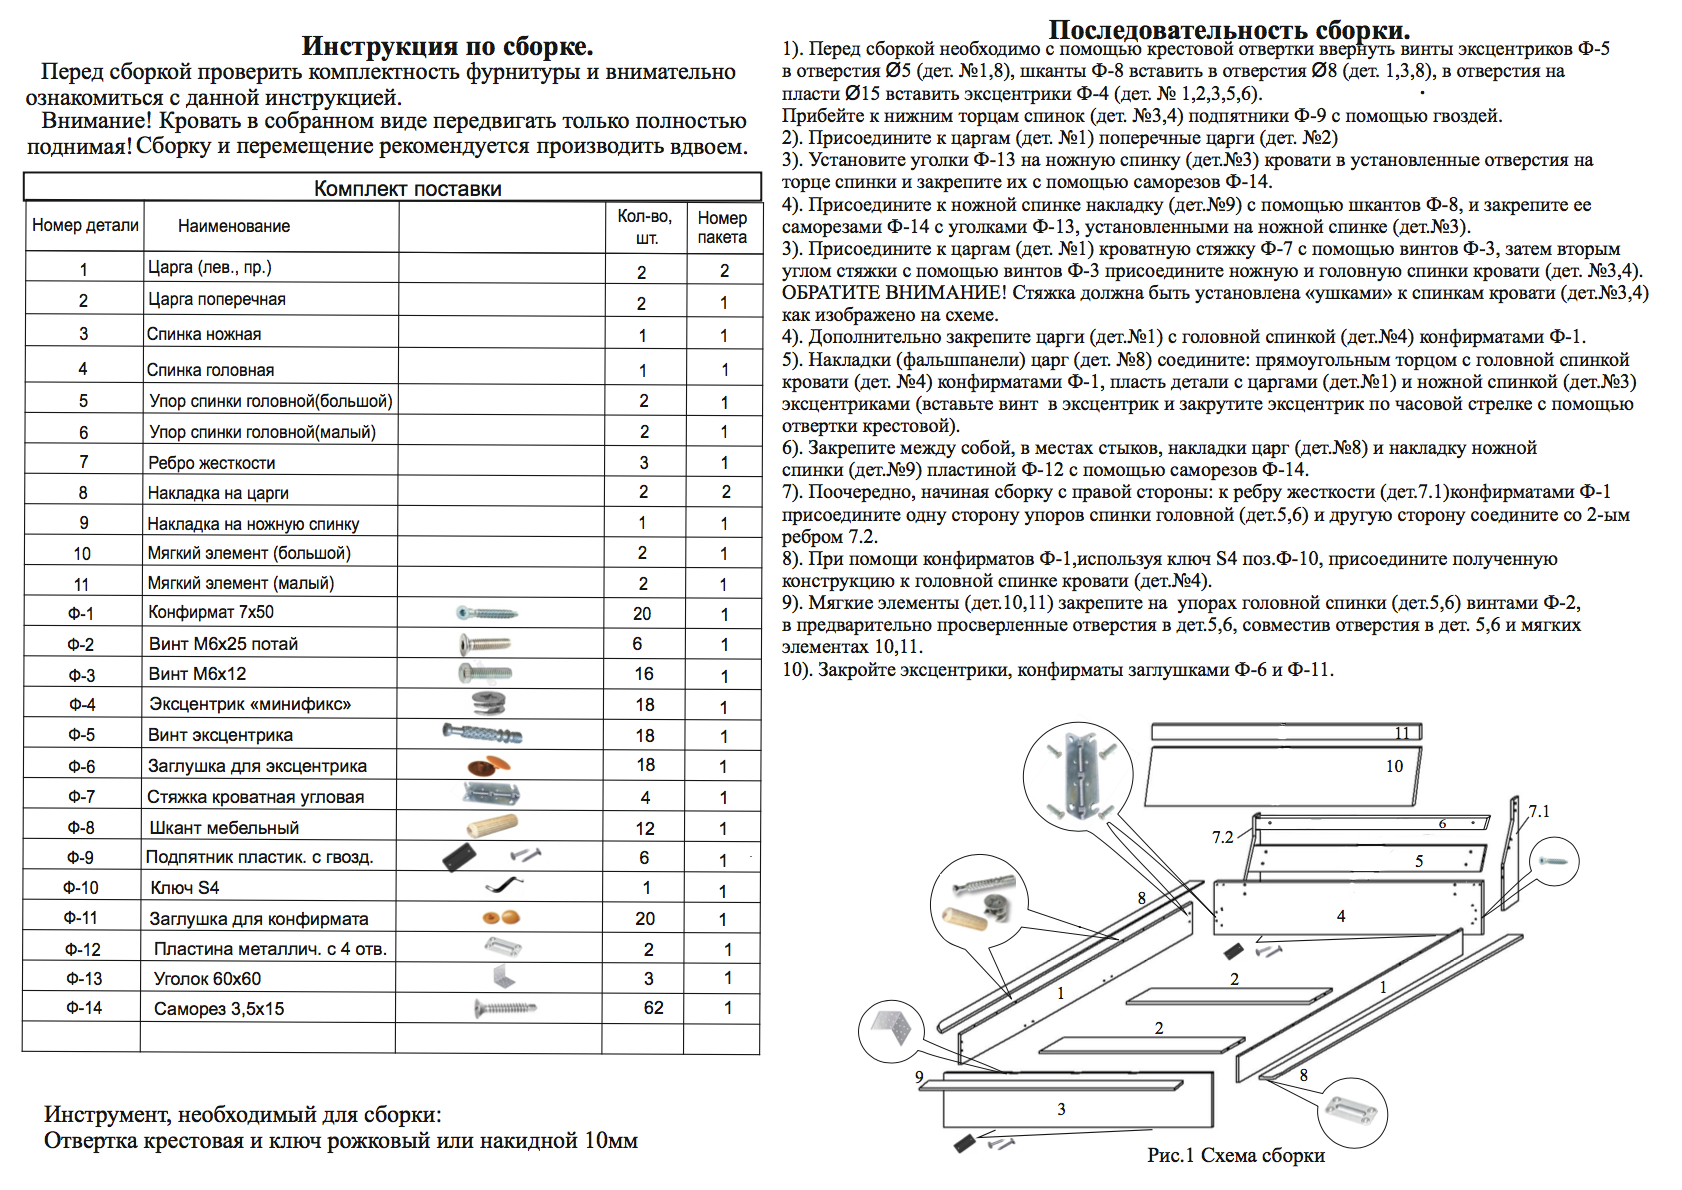 Кровать_Визио-1-1__инструкция__1СП.jpg